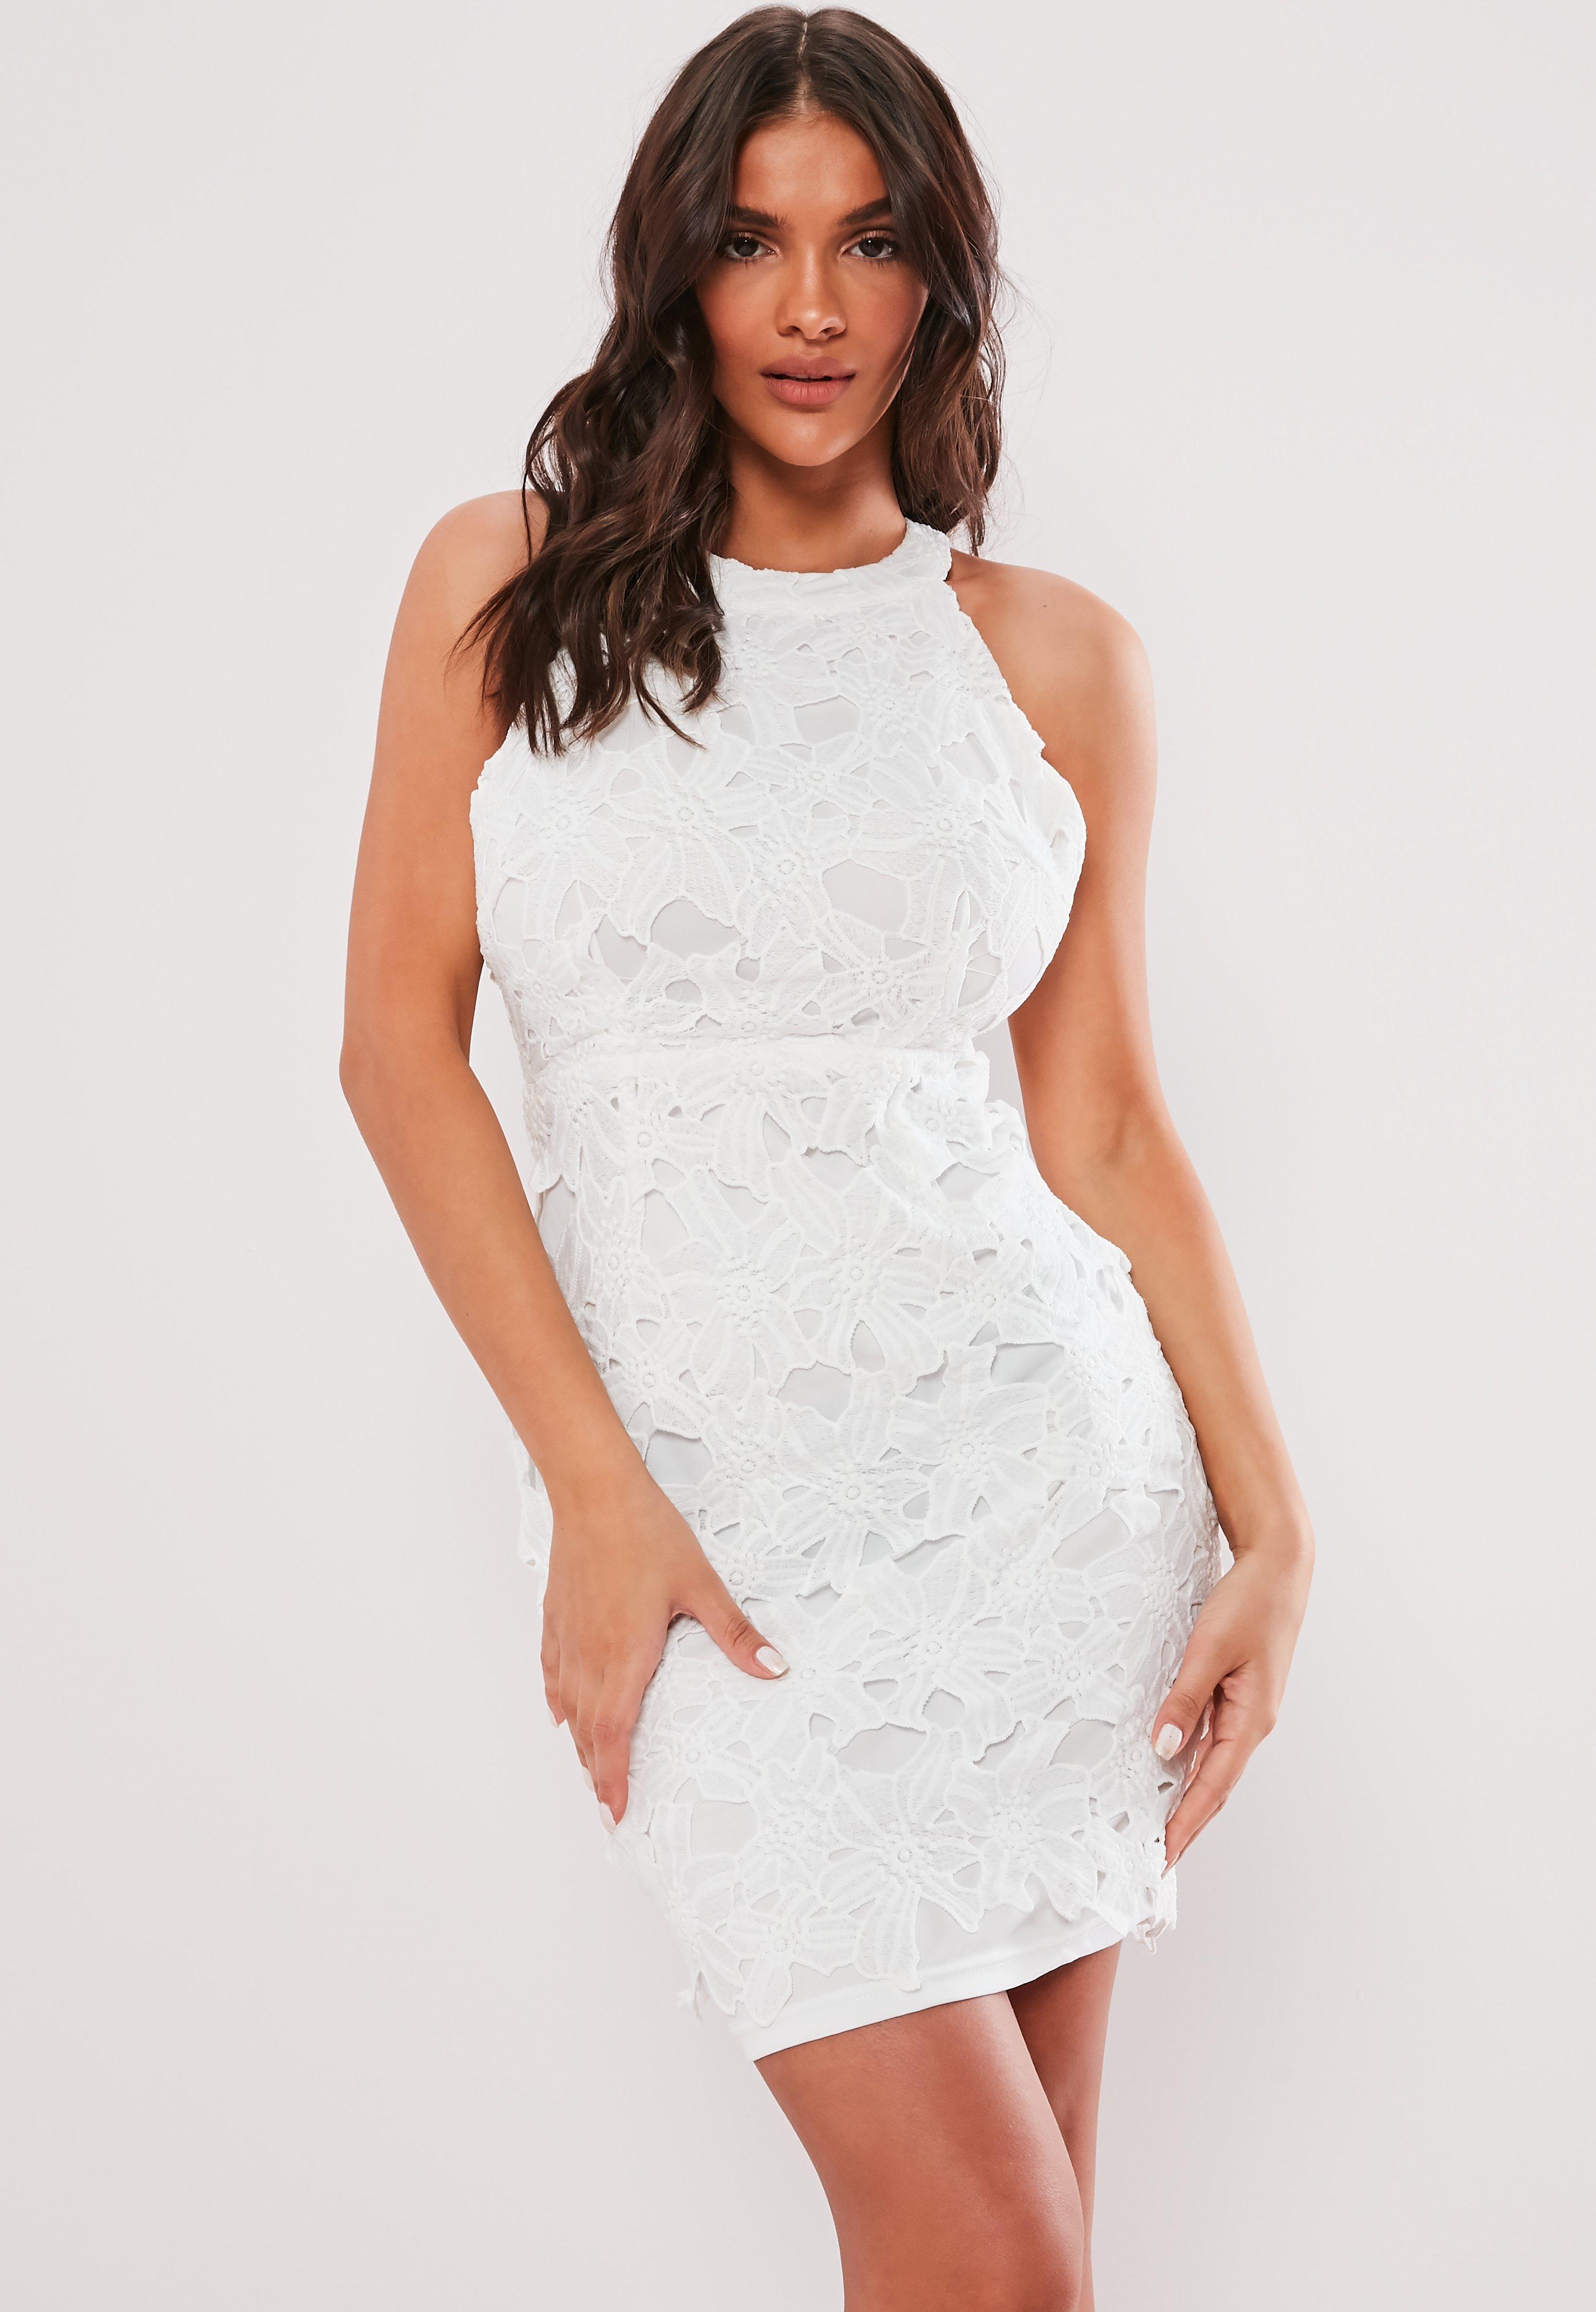 5bbb25dcaa9d Lace Dresses